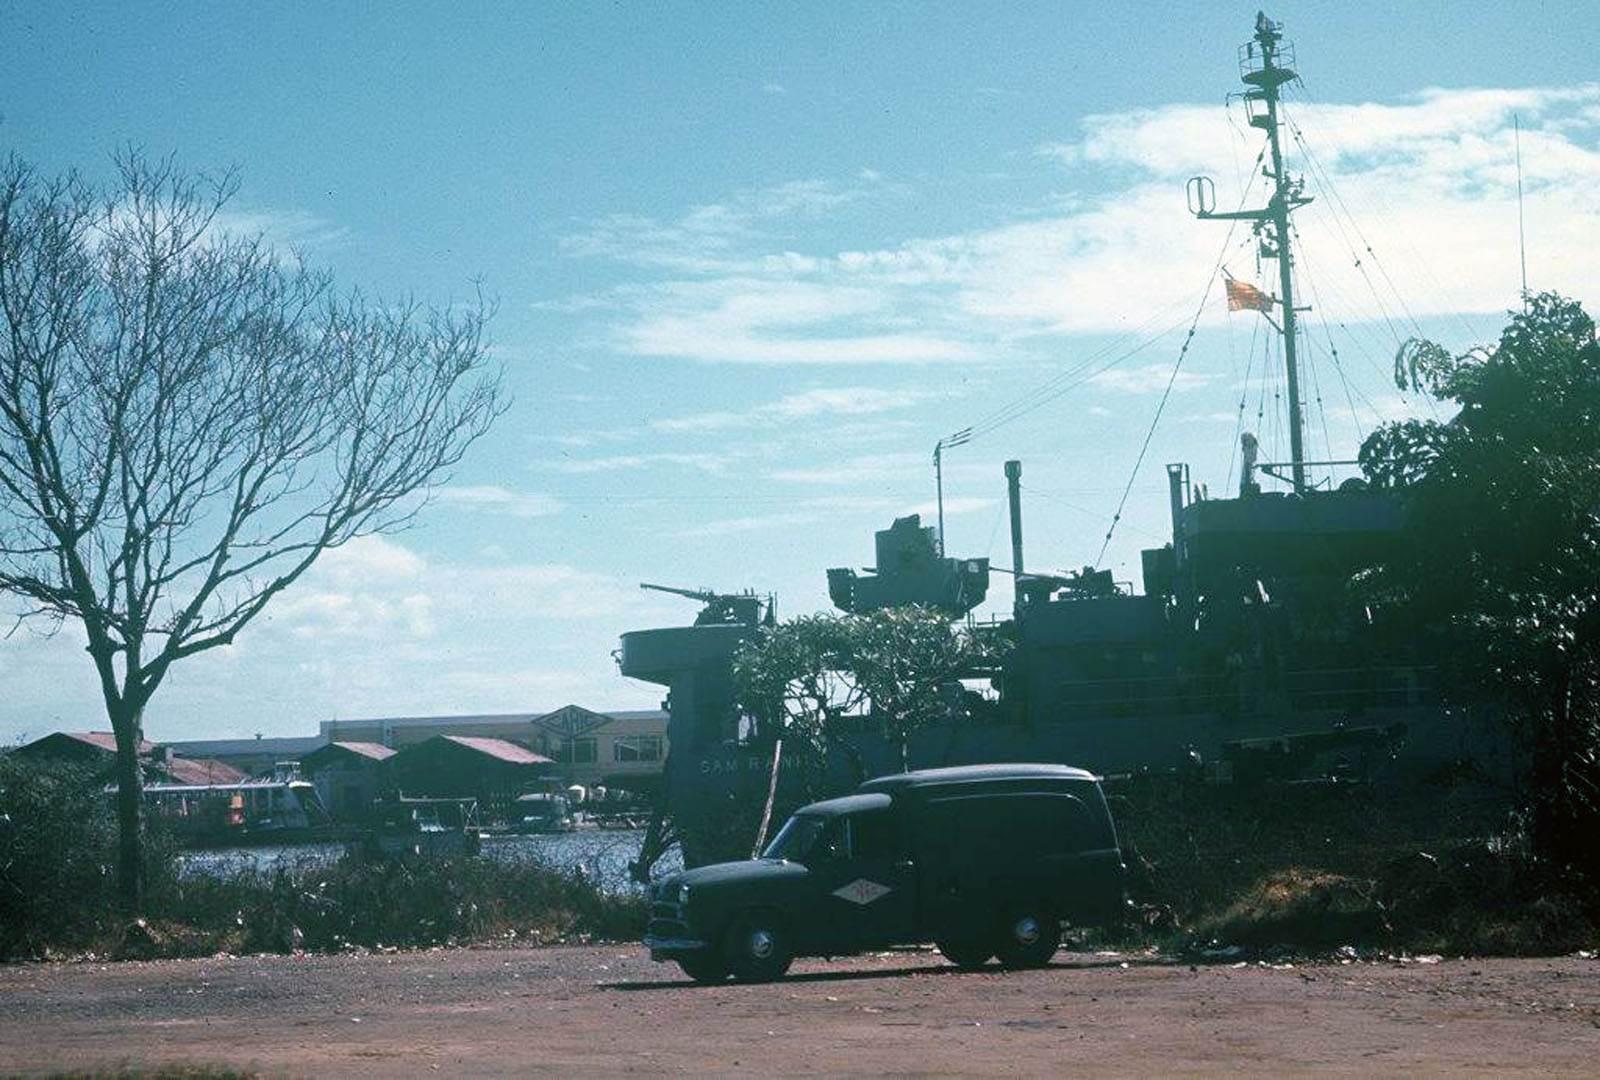 Ảnh chụp Dương vận hạm HQ-500 Cam Ranh tại Bến Bạch Đằng